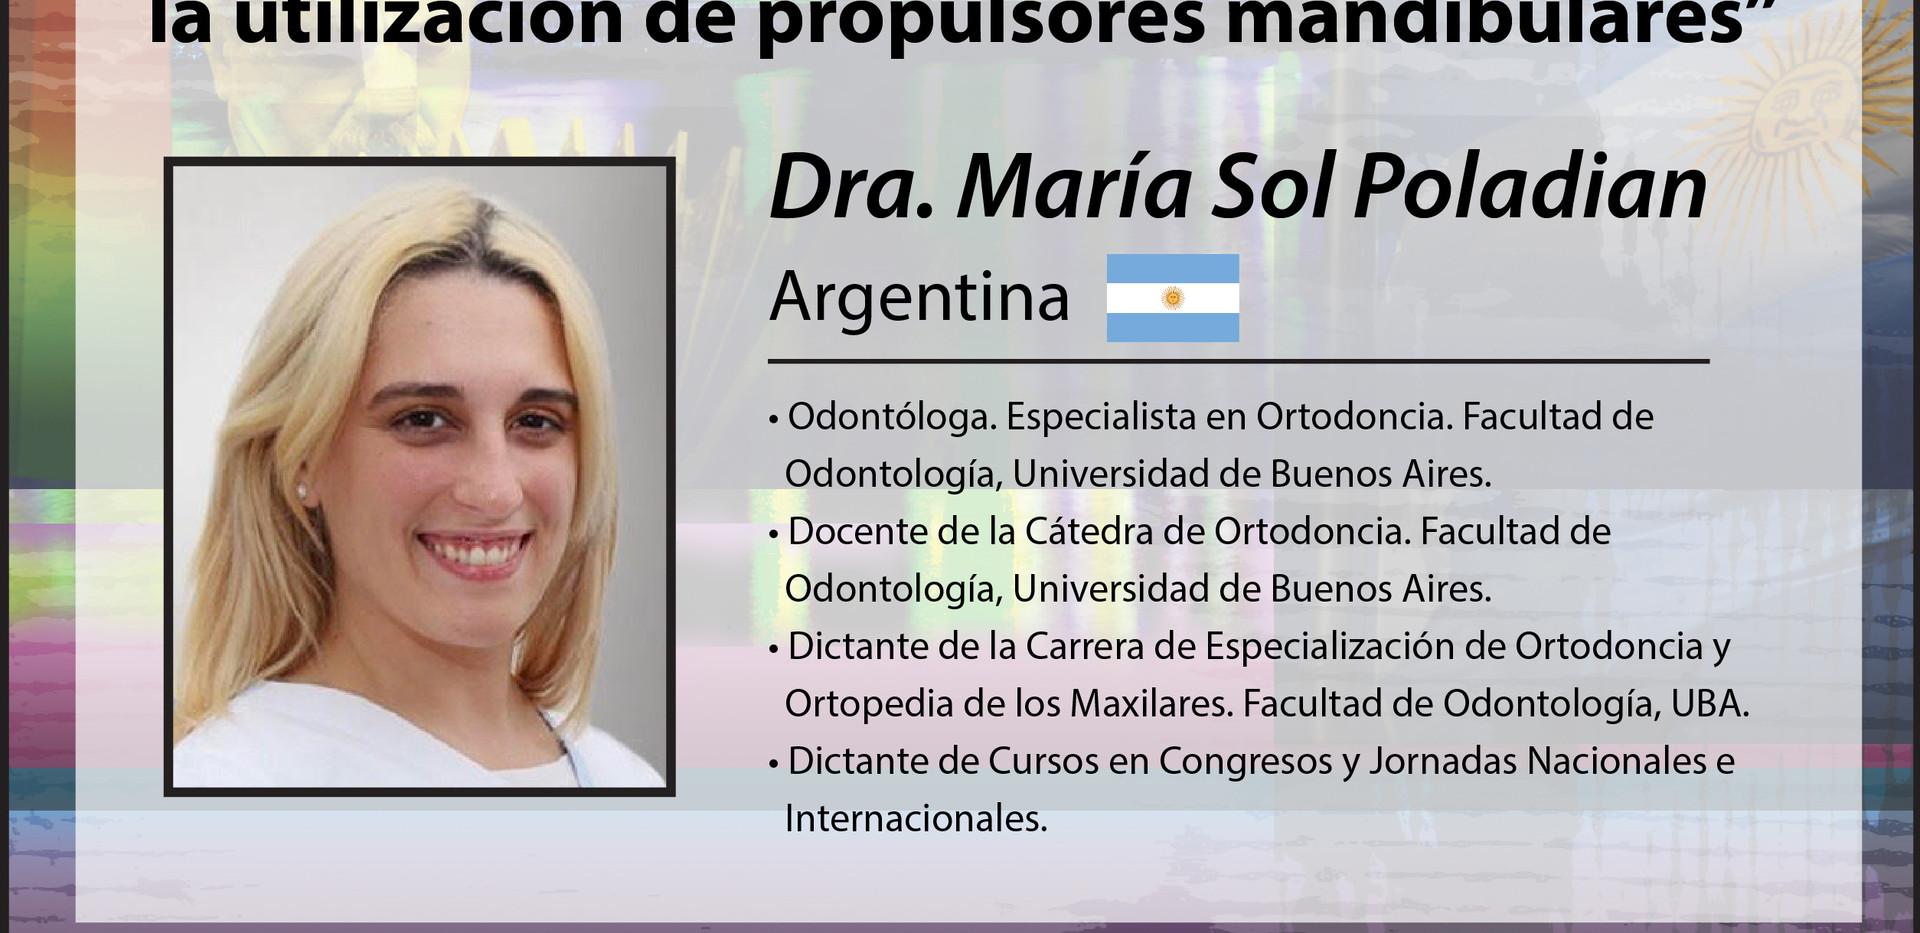 Dra. María Sol Poladian